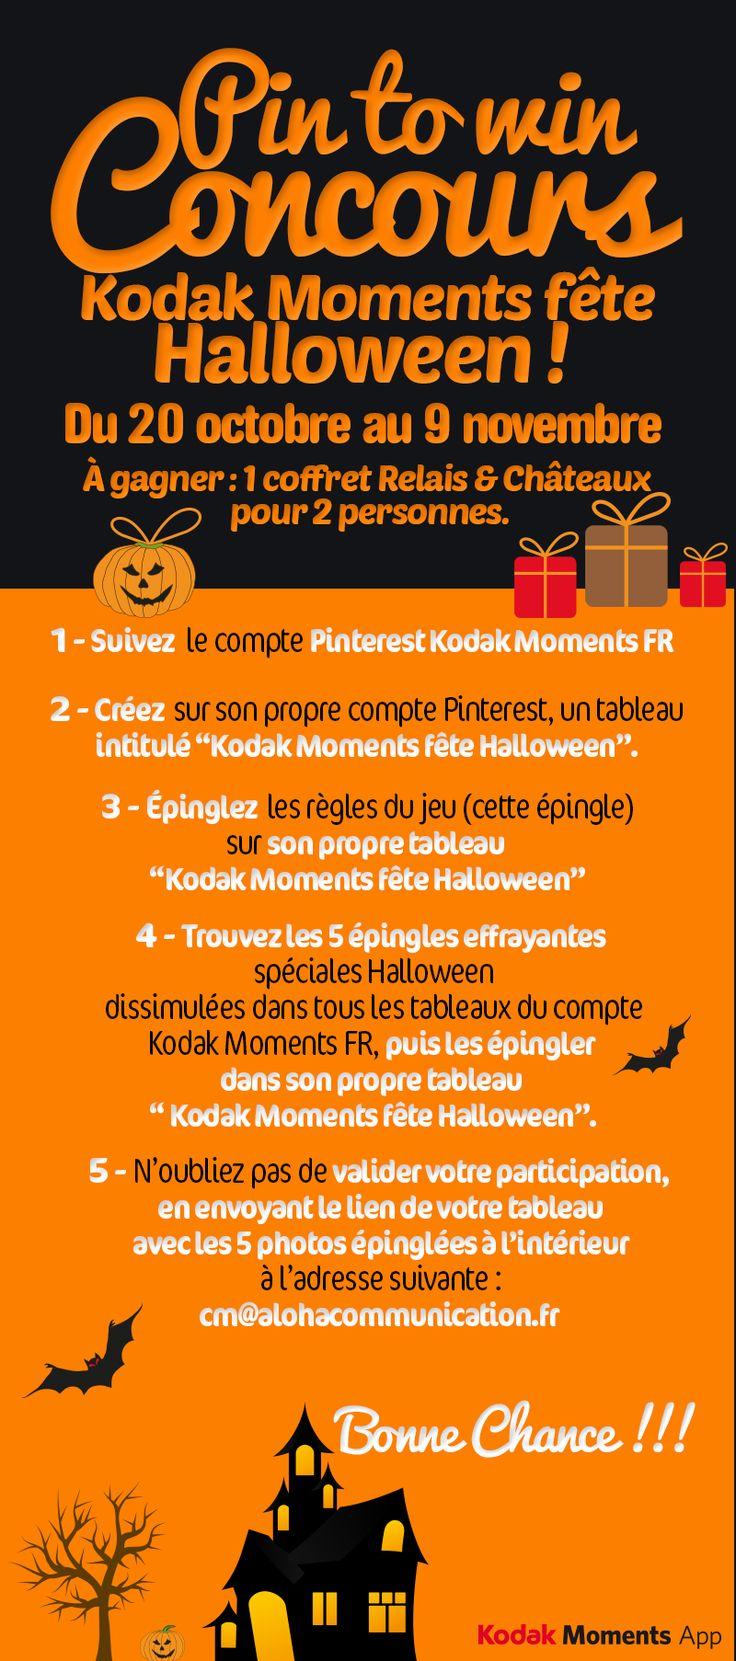 Tremblez, Kodak Moments FR se met aux couleurs d'Halloween avec le lancement d'un jeu concours maléfique ! A gagner: 1 coffret Relais & Châteaux pour 2 pers ! #jeu #halloween #win #contest